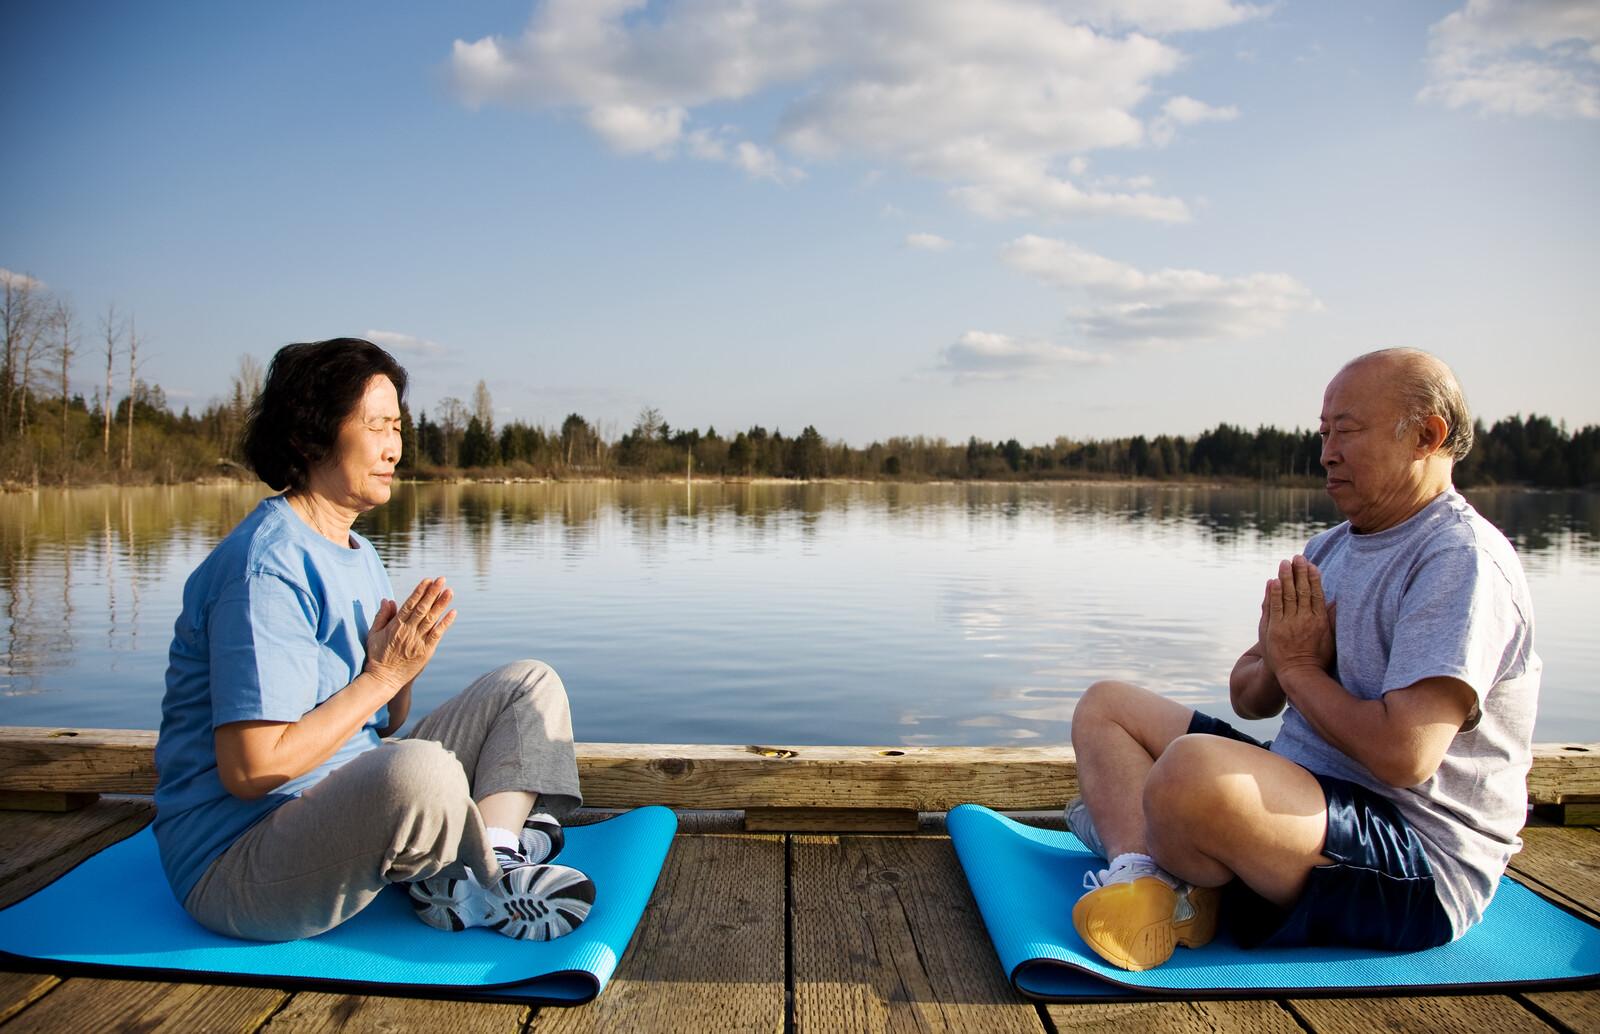 senior couple meditating on yoga mats on a dock over a lake